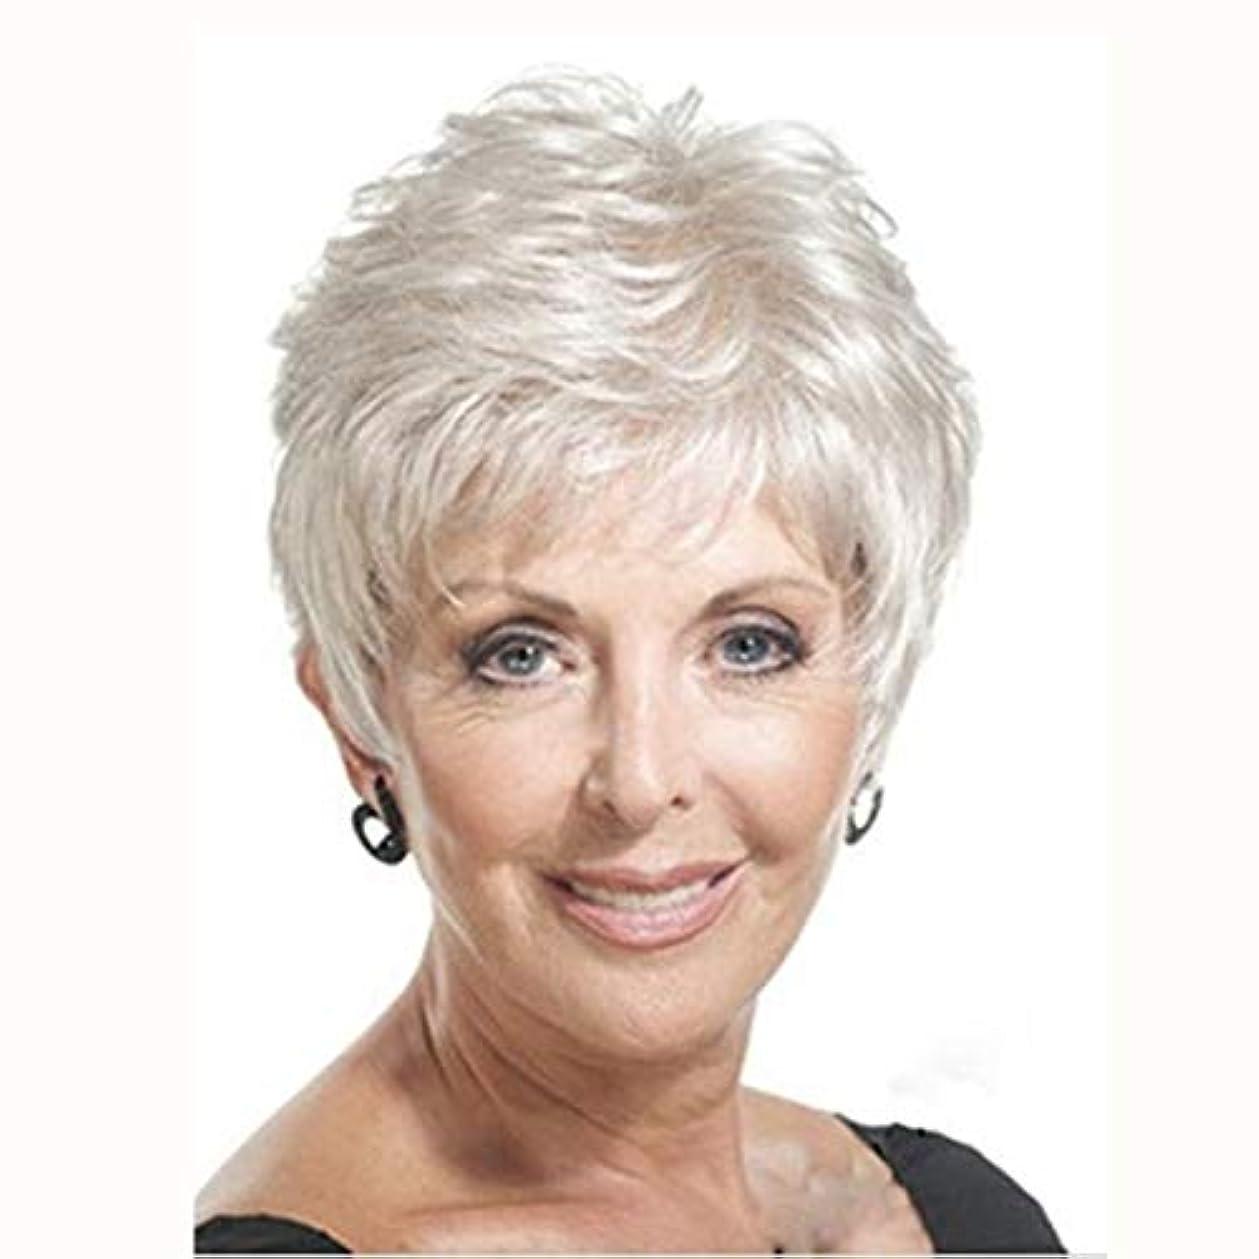 成熟エッセイ合成Summerys 女性のための前髪の髪のかつらと白の短いストレートヘア耐熱合成かつら